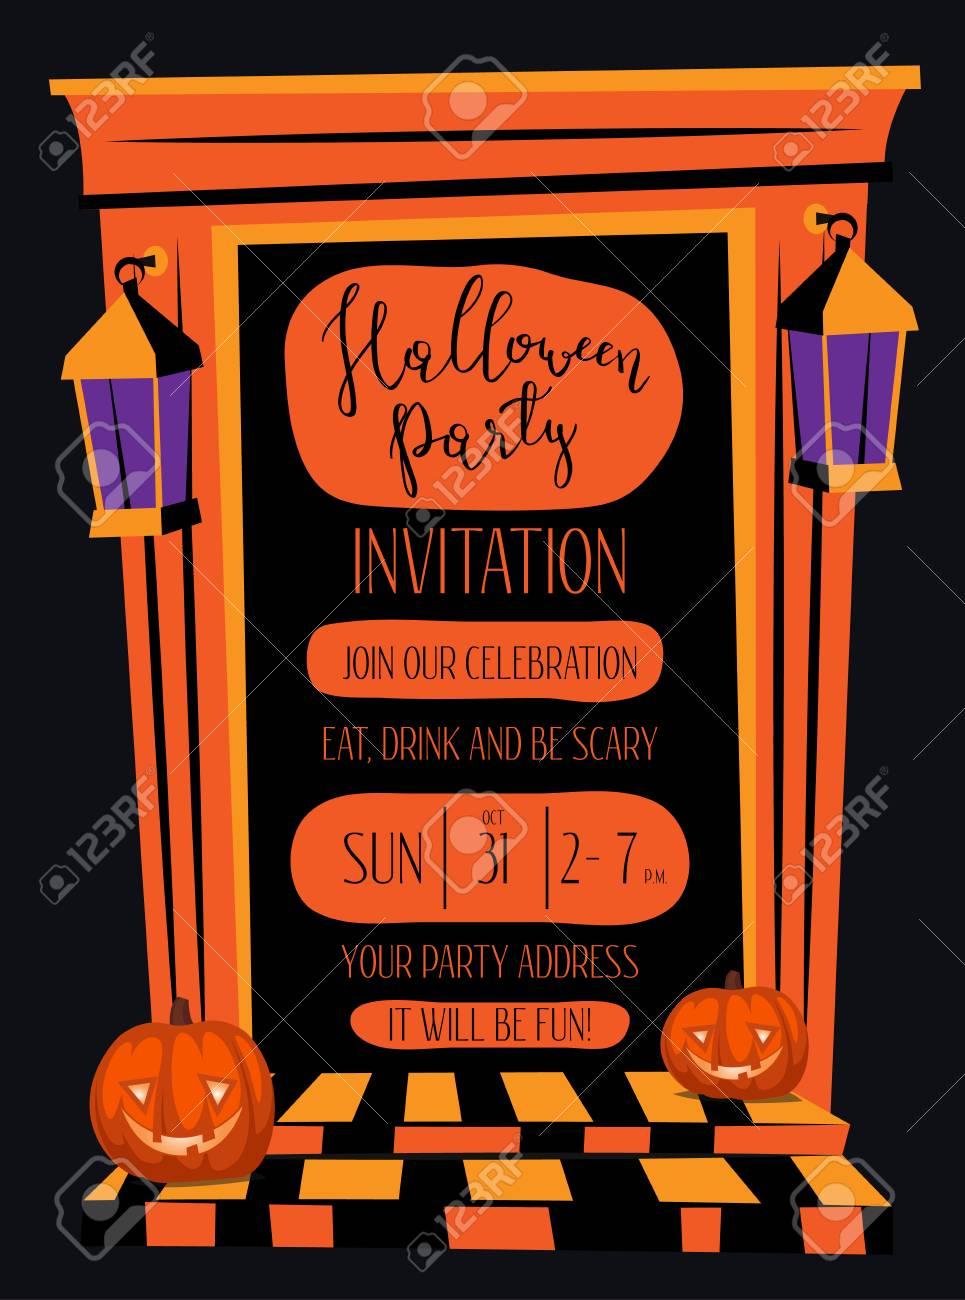 Invitation Nuit De Fête Halloween Avec Hantée Porte Maison Orange Et Lanternes Jack De Tête De Citrouille Dessin Animé Illustration Sur Fond Noir